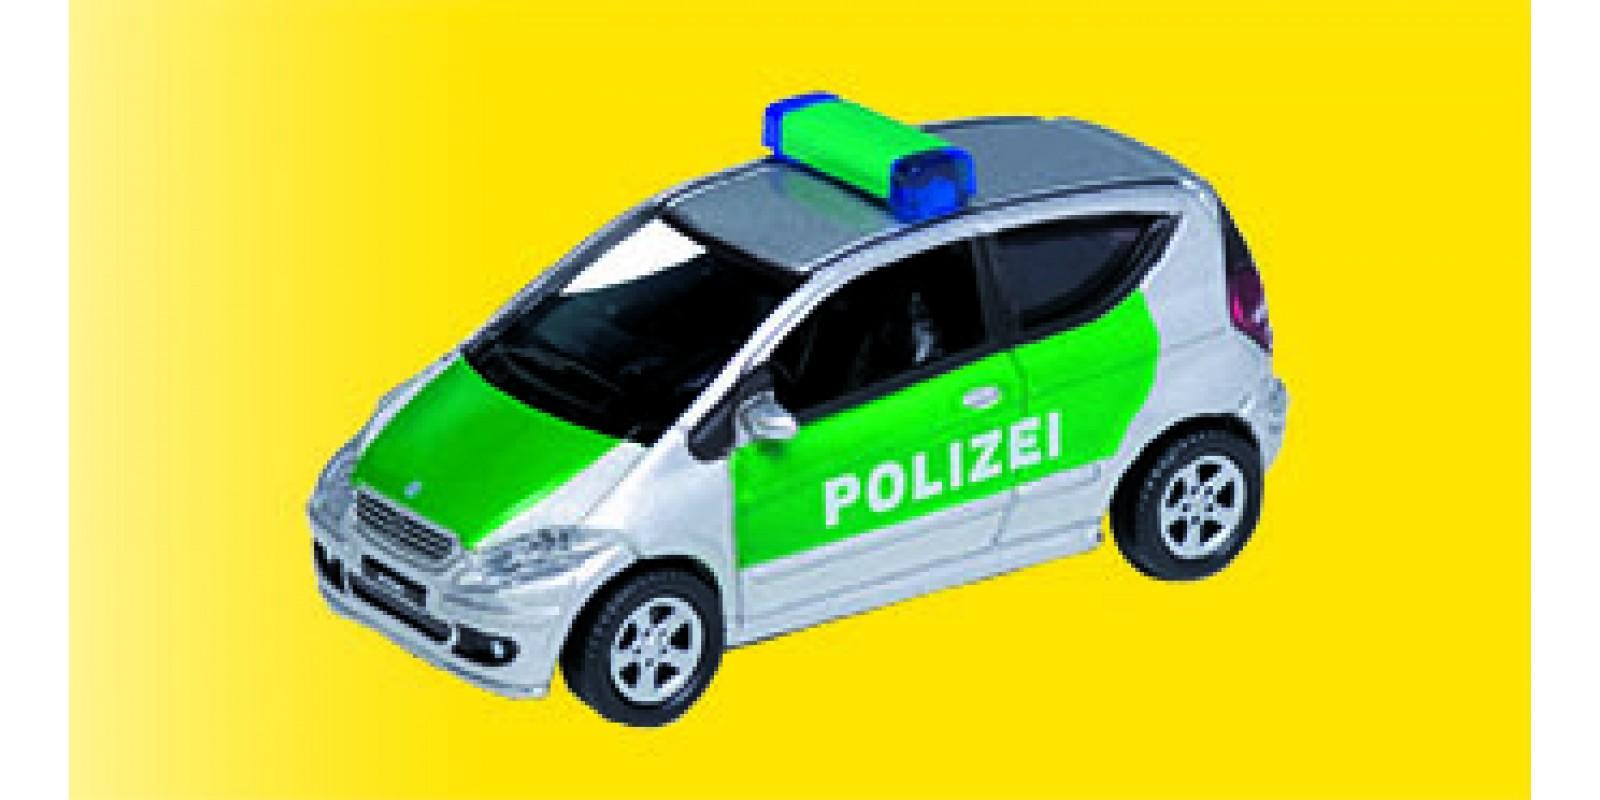 Vo41606 Mercedes-Benz A200 Polizei, green/silver, die cast model